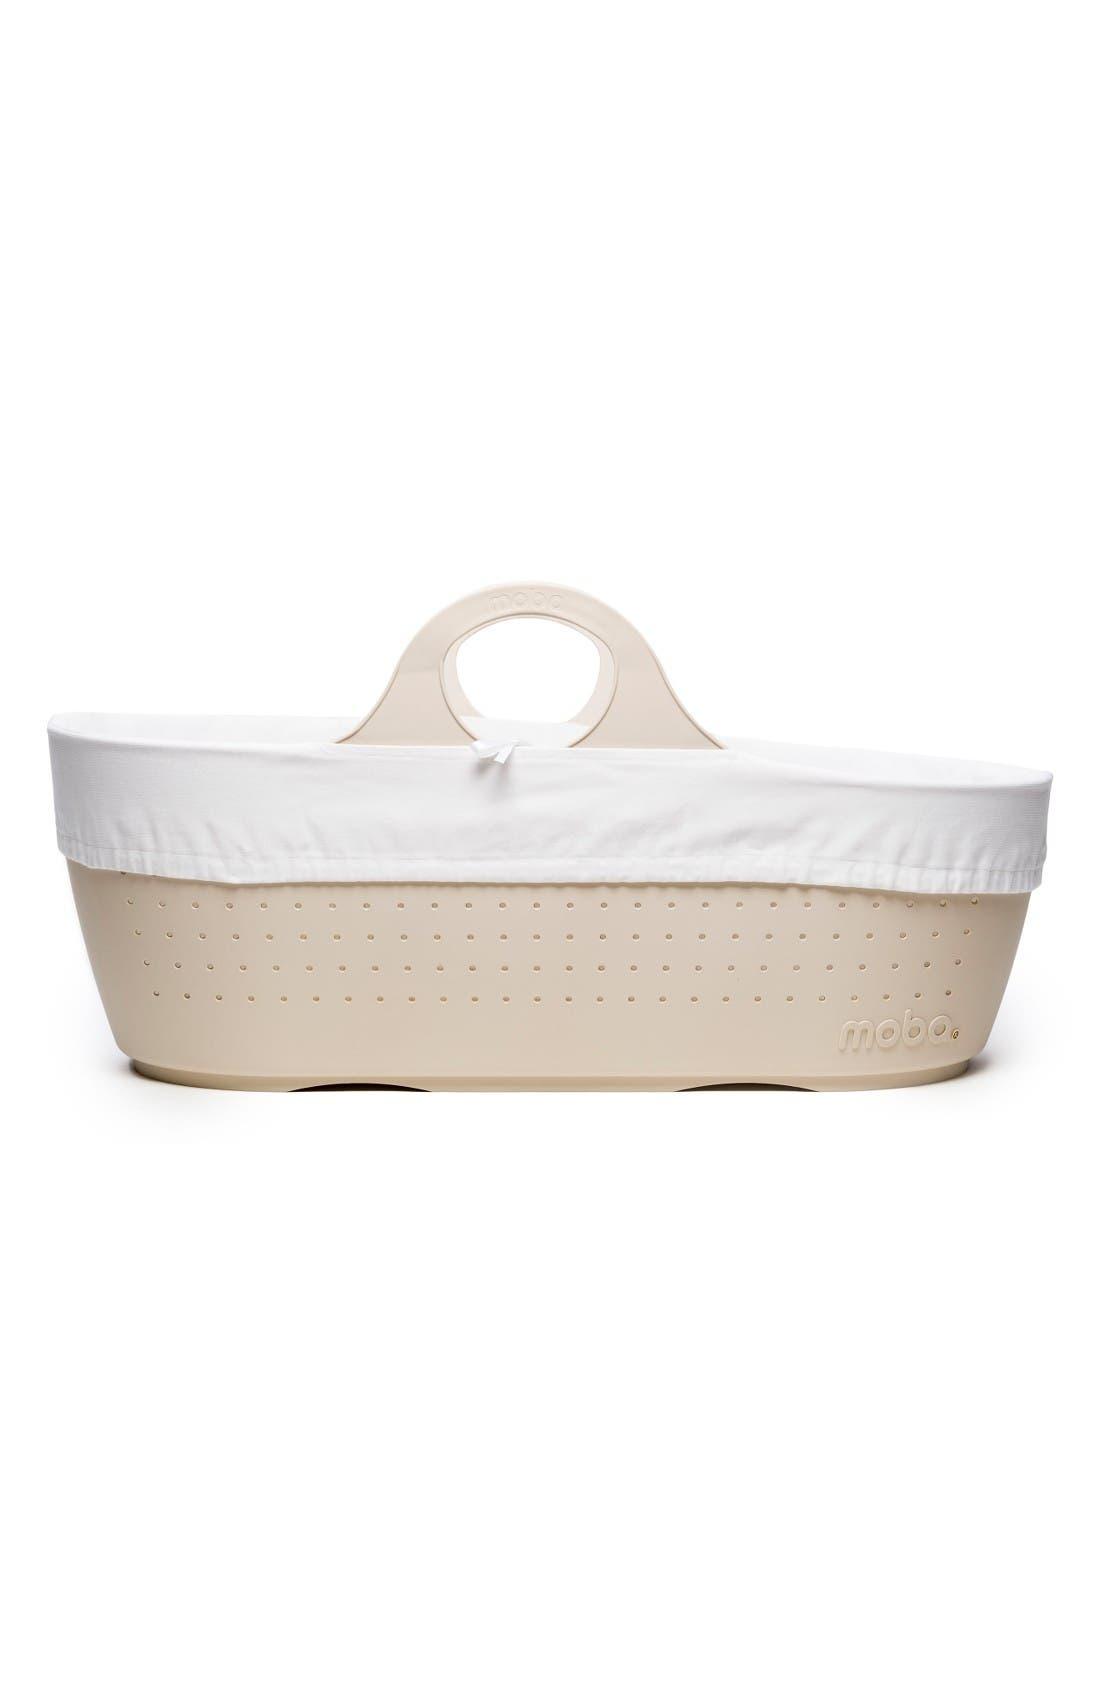 Moba Moses Baby Basket